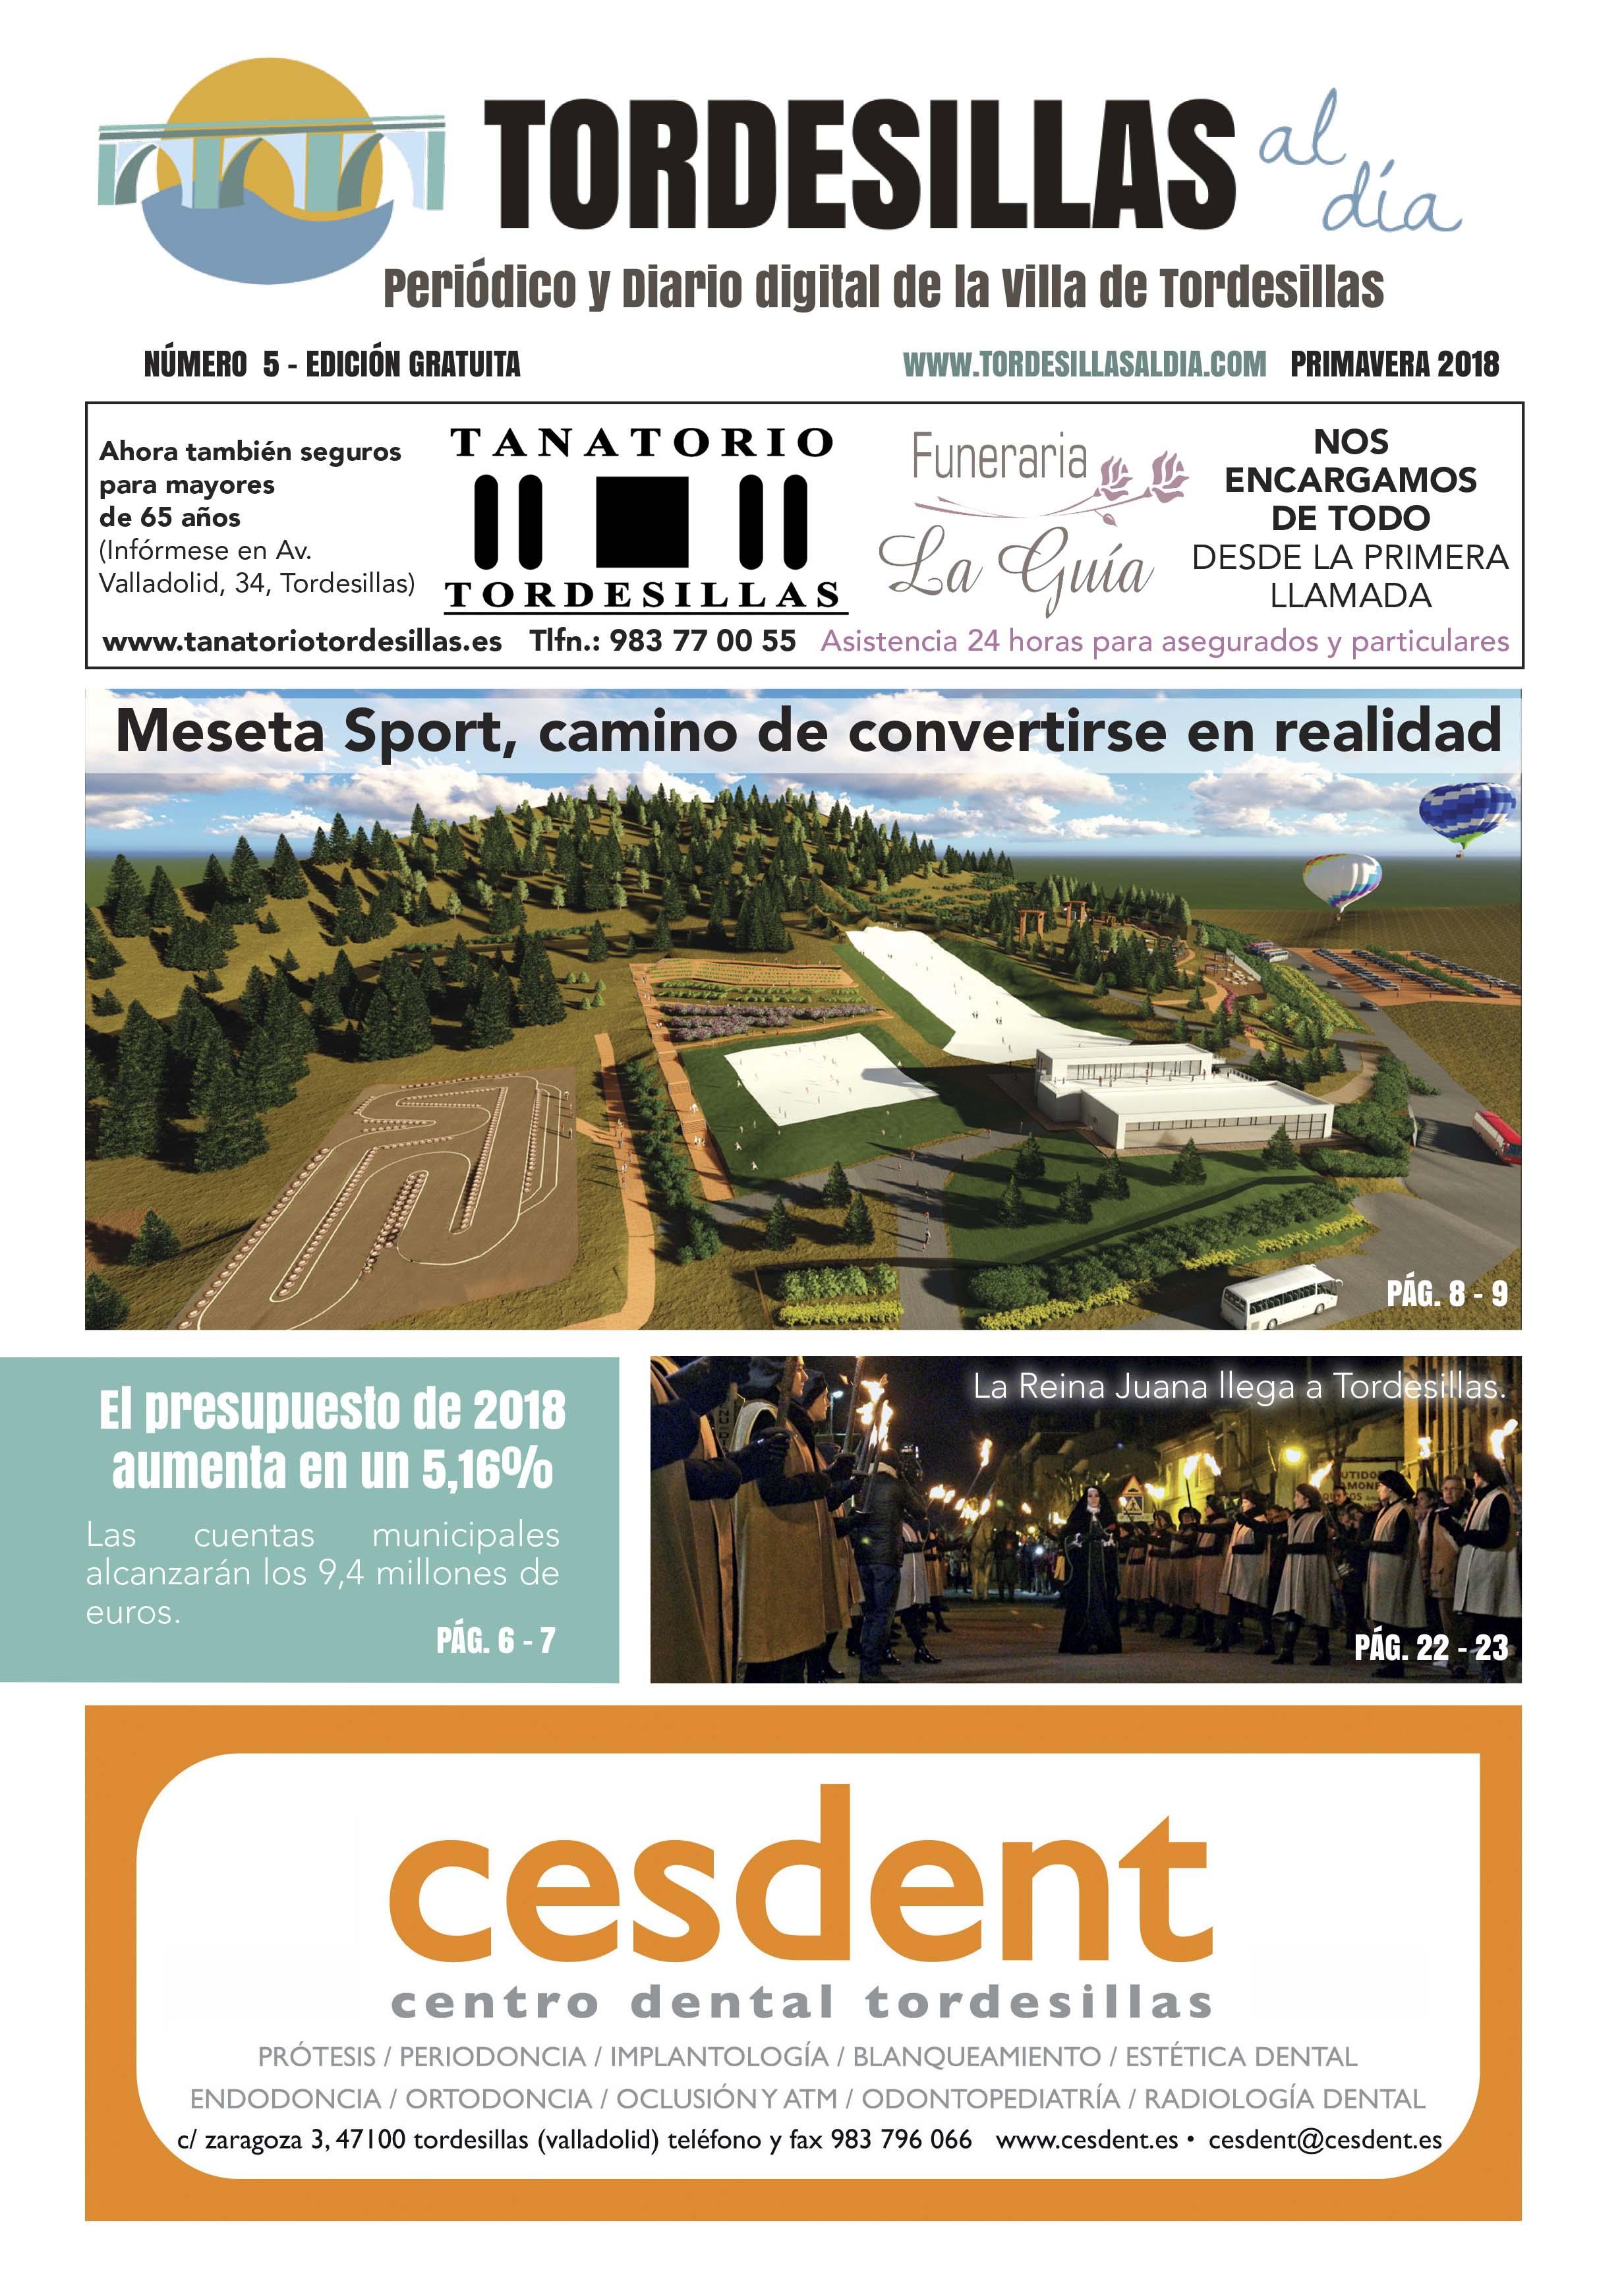 Portada de la quinta edición de la revista Tordesillas al día